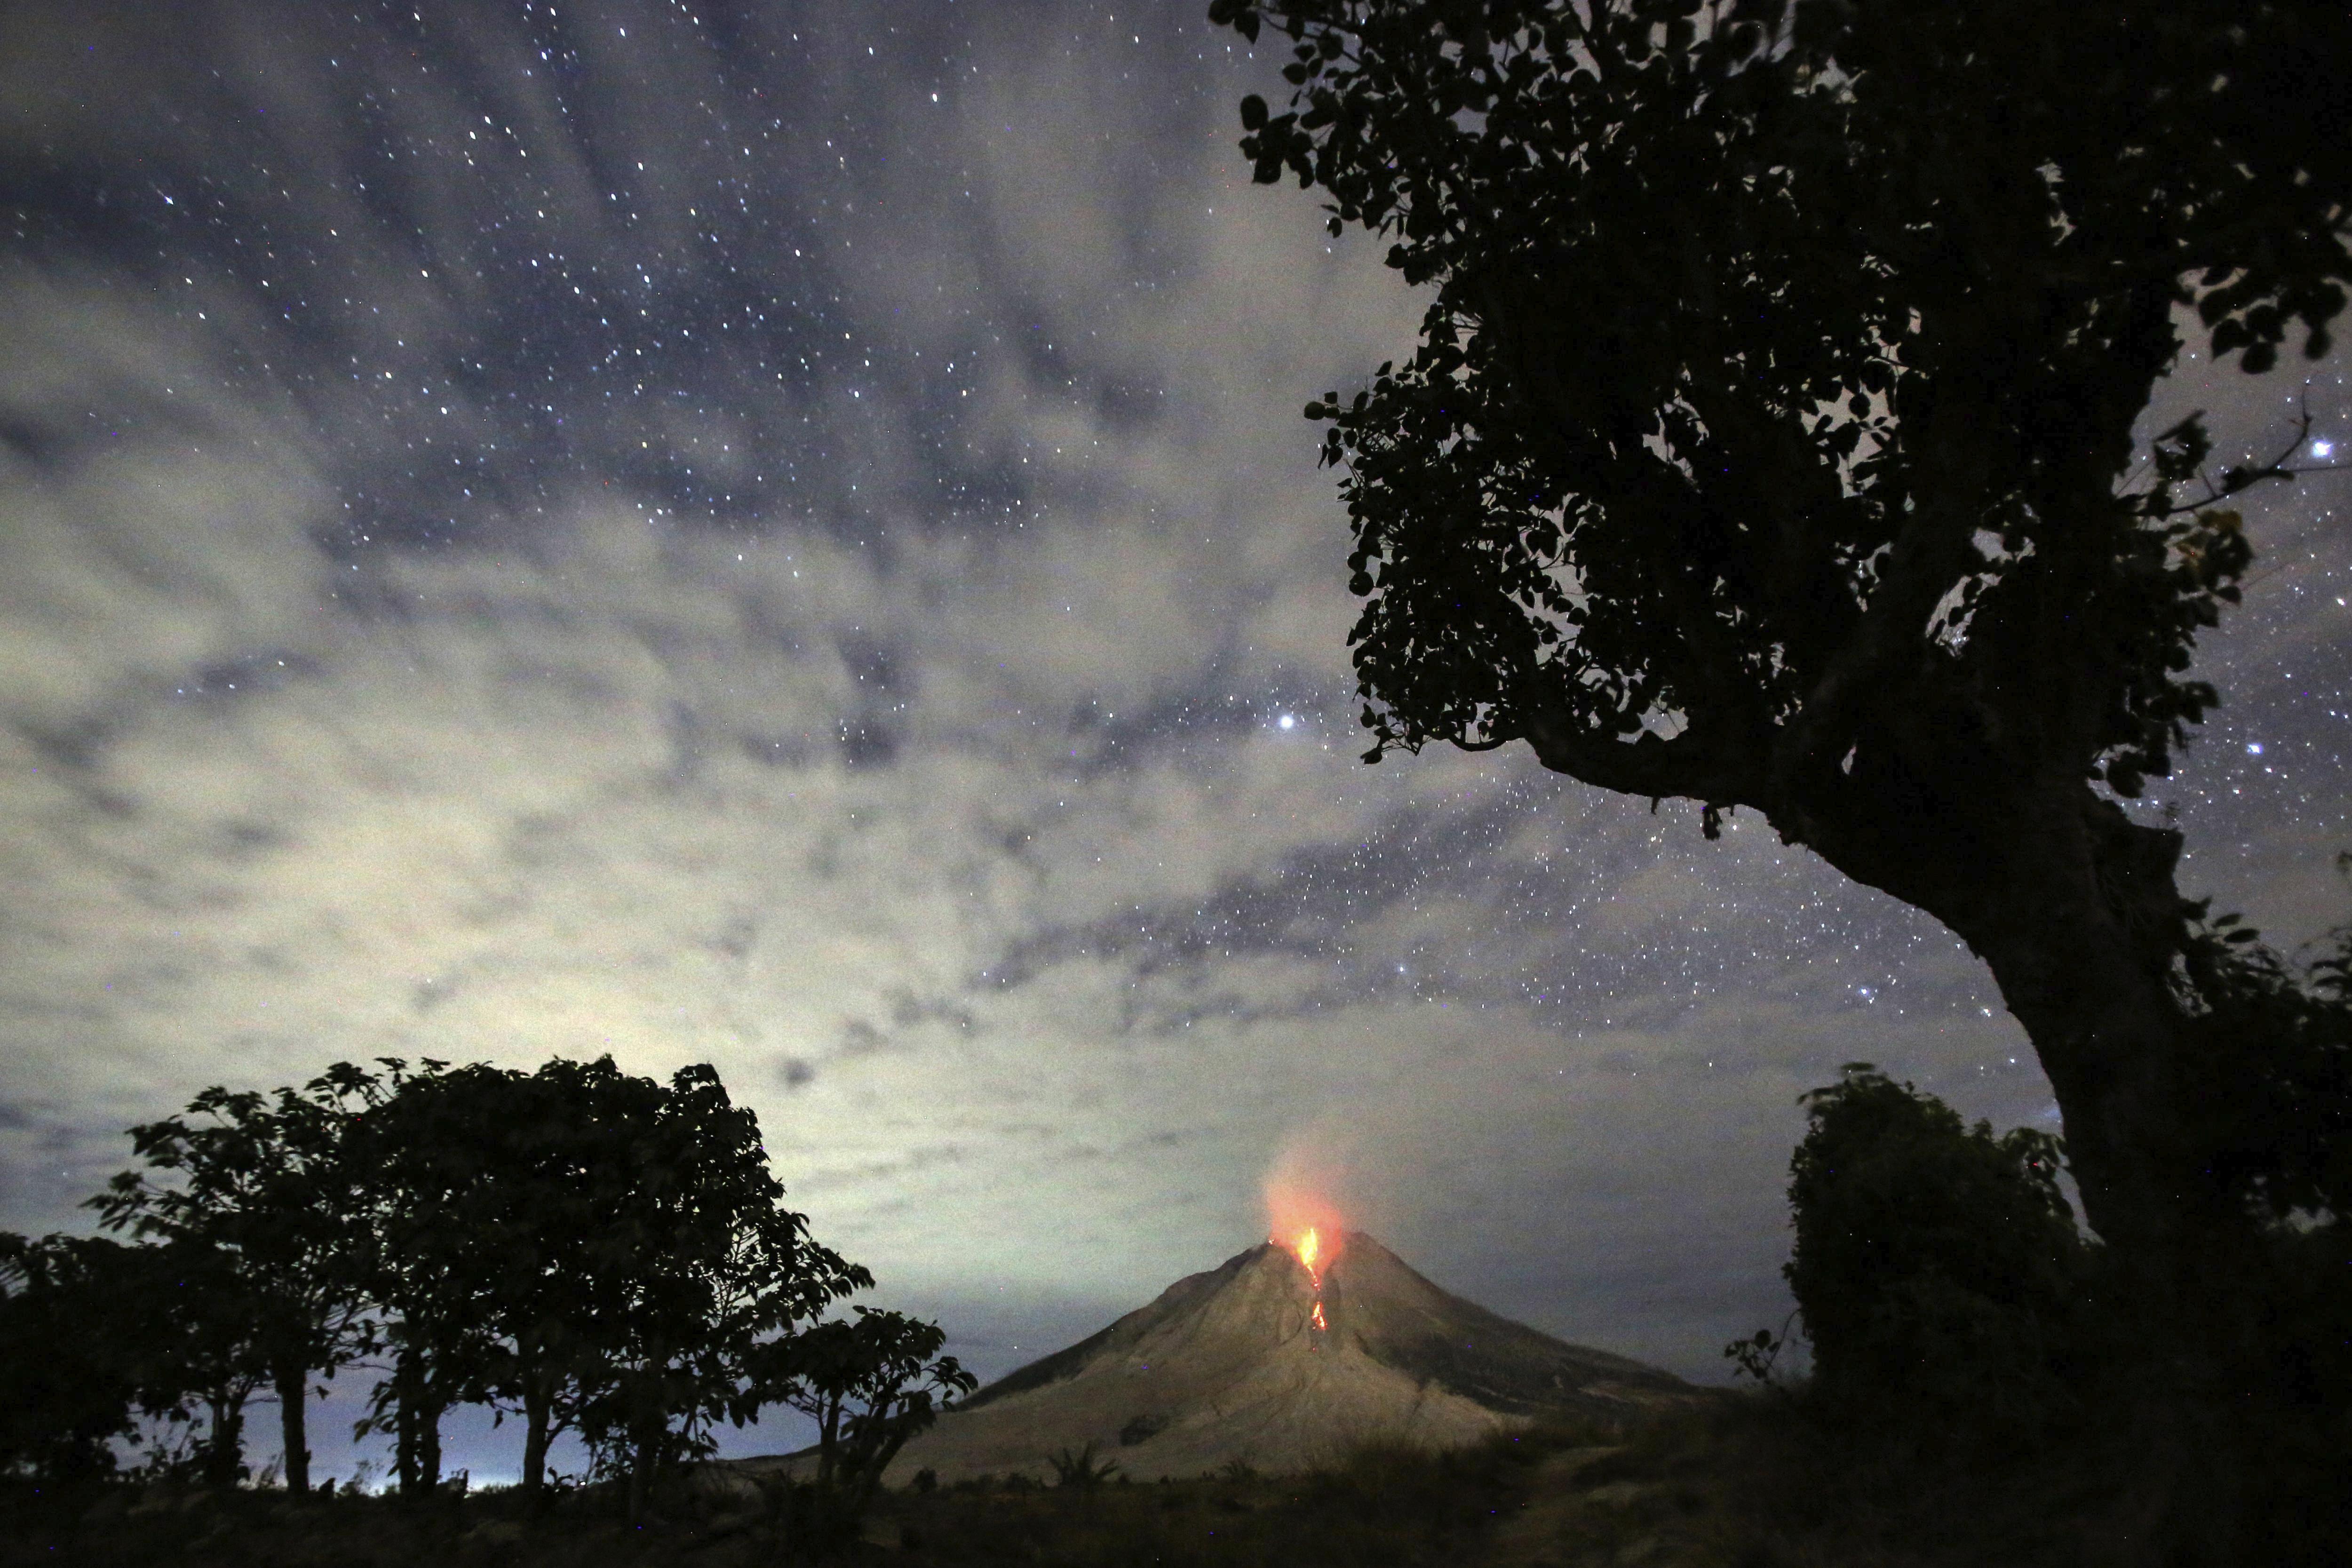 Vista del volcà Sinabung, un dels més actius de l'illa indonèsia de Sumatra, que roman en erupció. /DEDI SINUHAJI